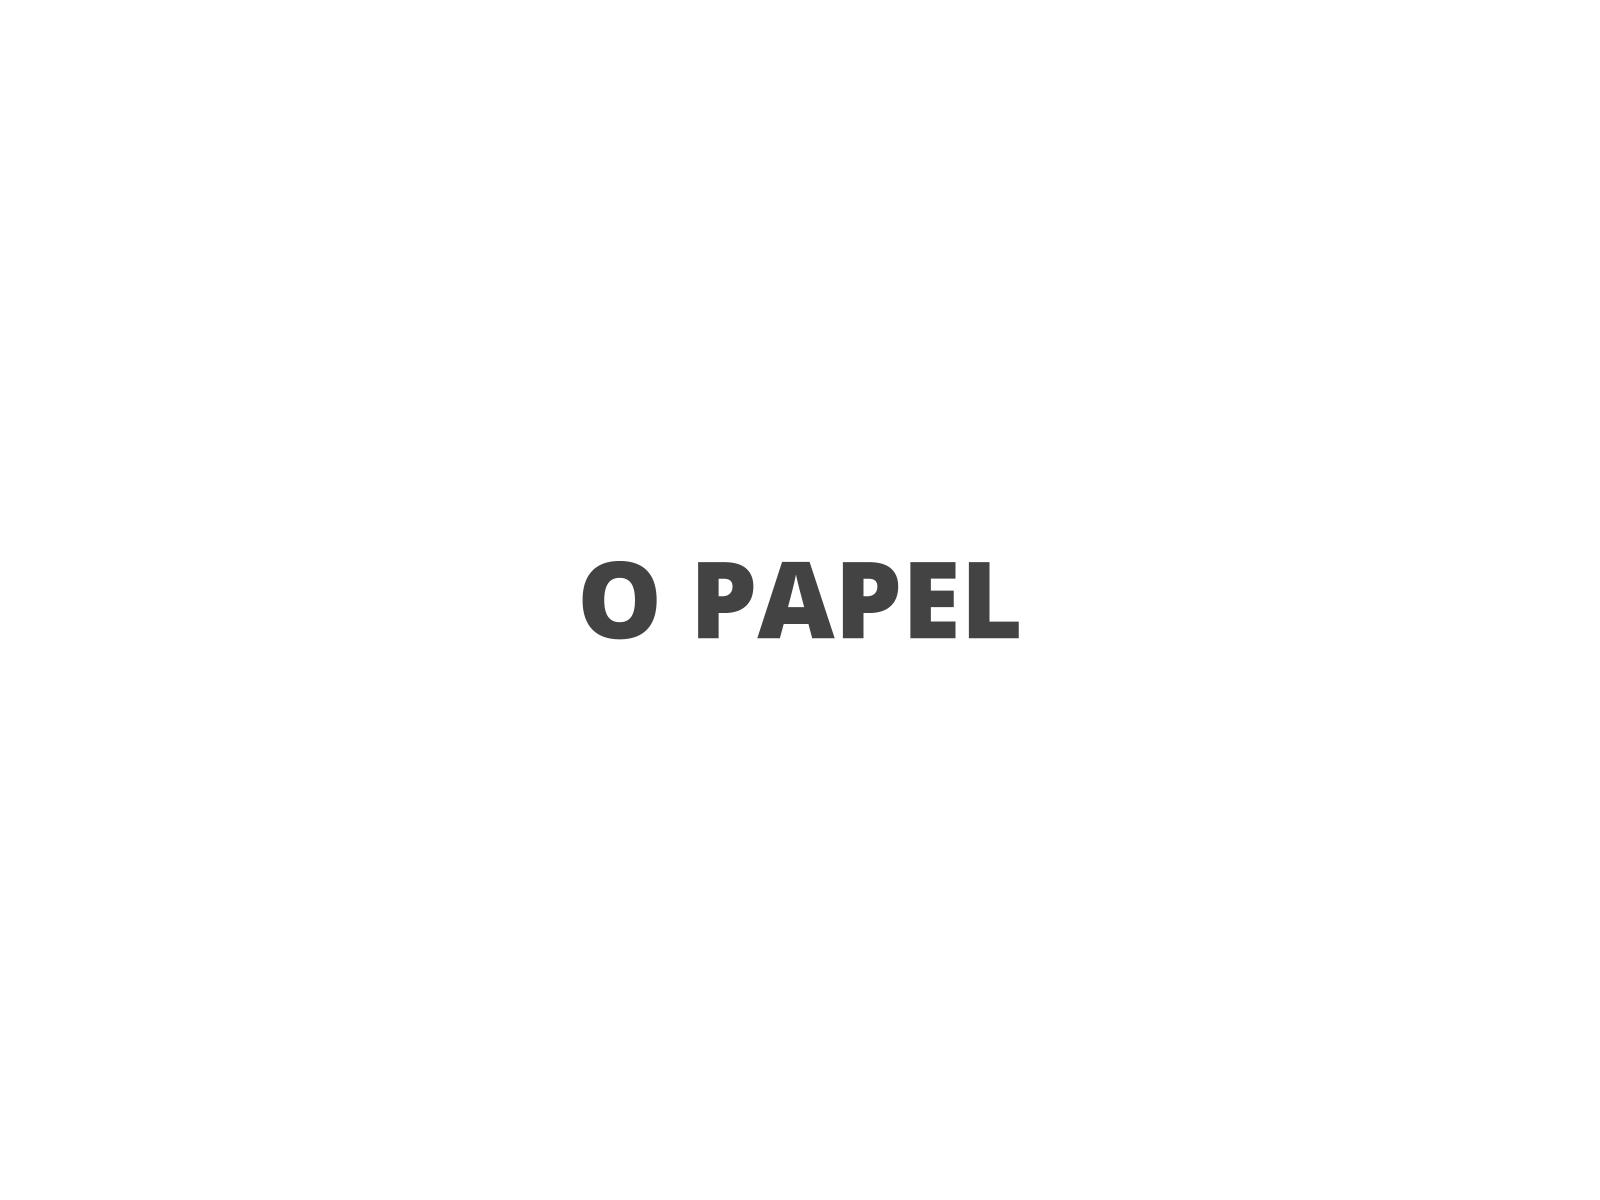 O papel